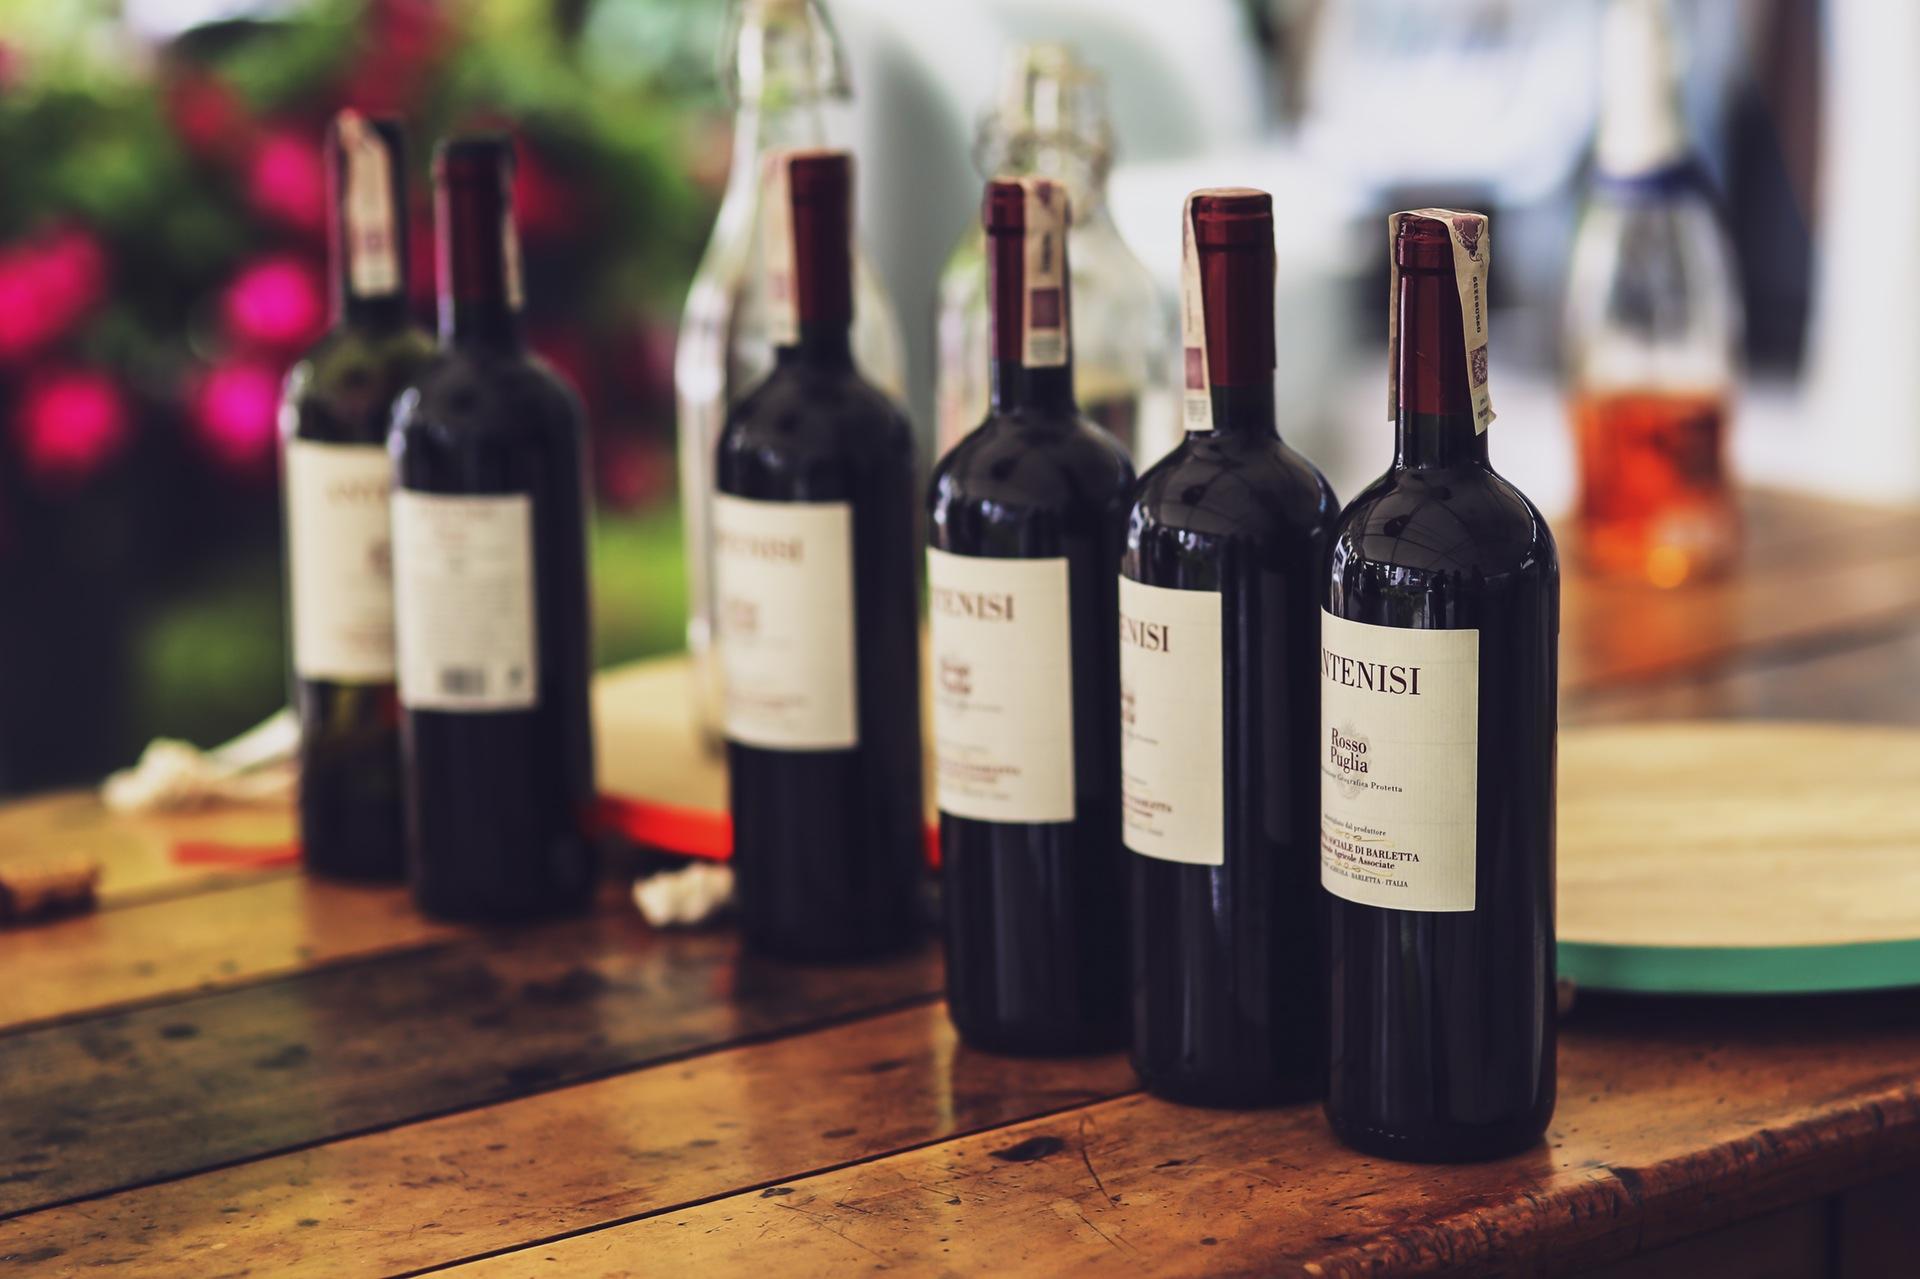 Transportul vinurilor din Europa oriunde in lume